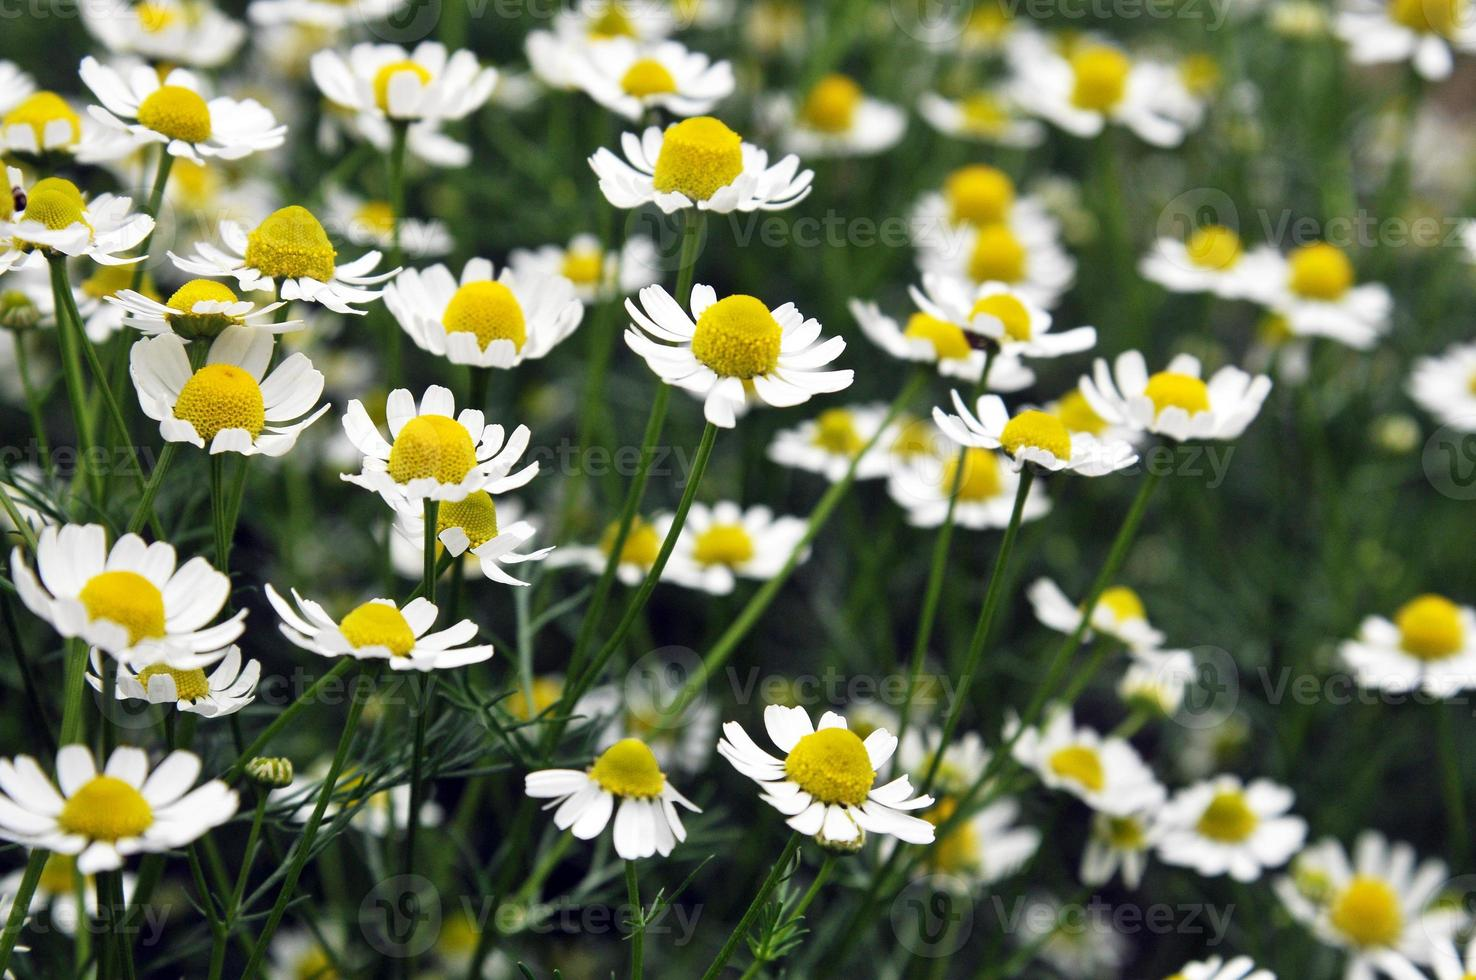 fiori di camomilla medicinale foto